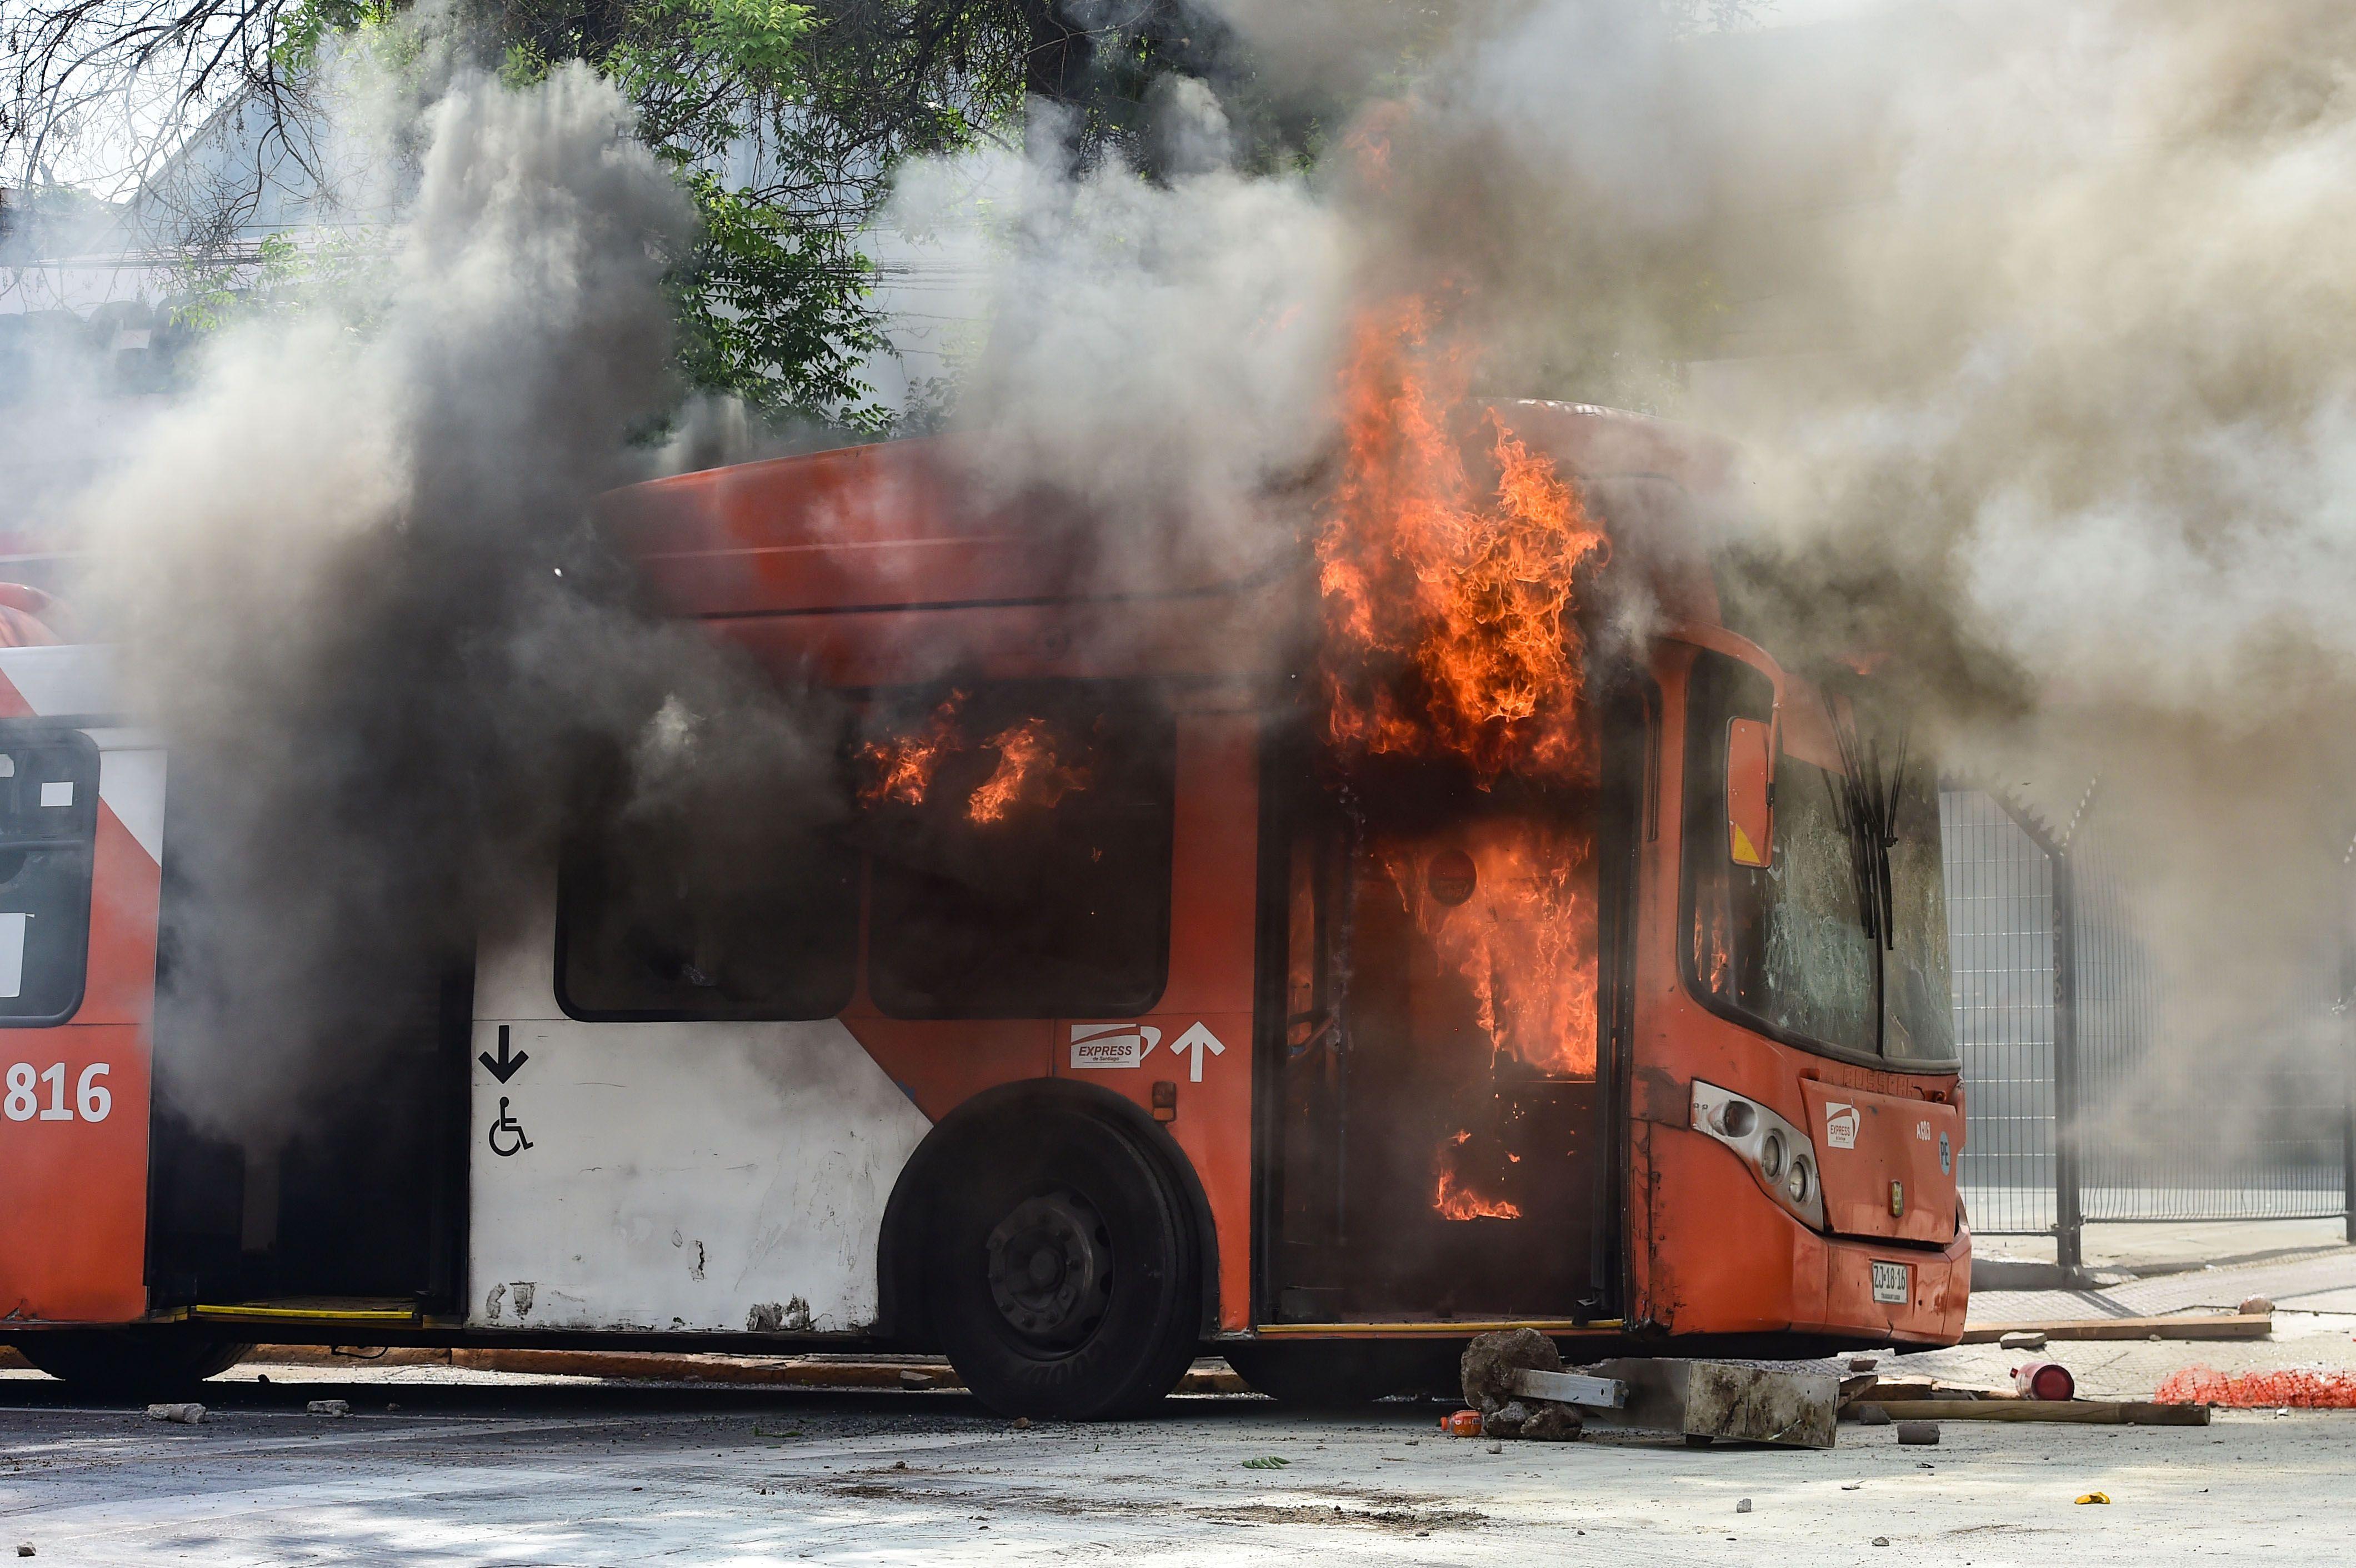 El caos se apodera de la región: Chile con saqueos, violencia extrema y toque de queda por un aumento en el subte